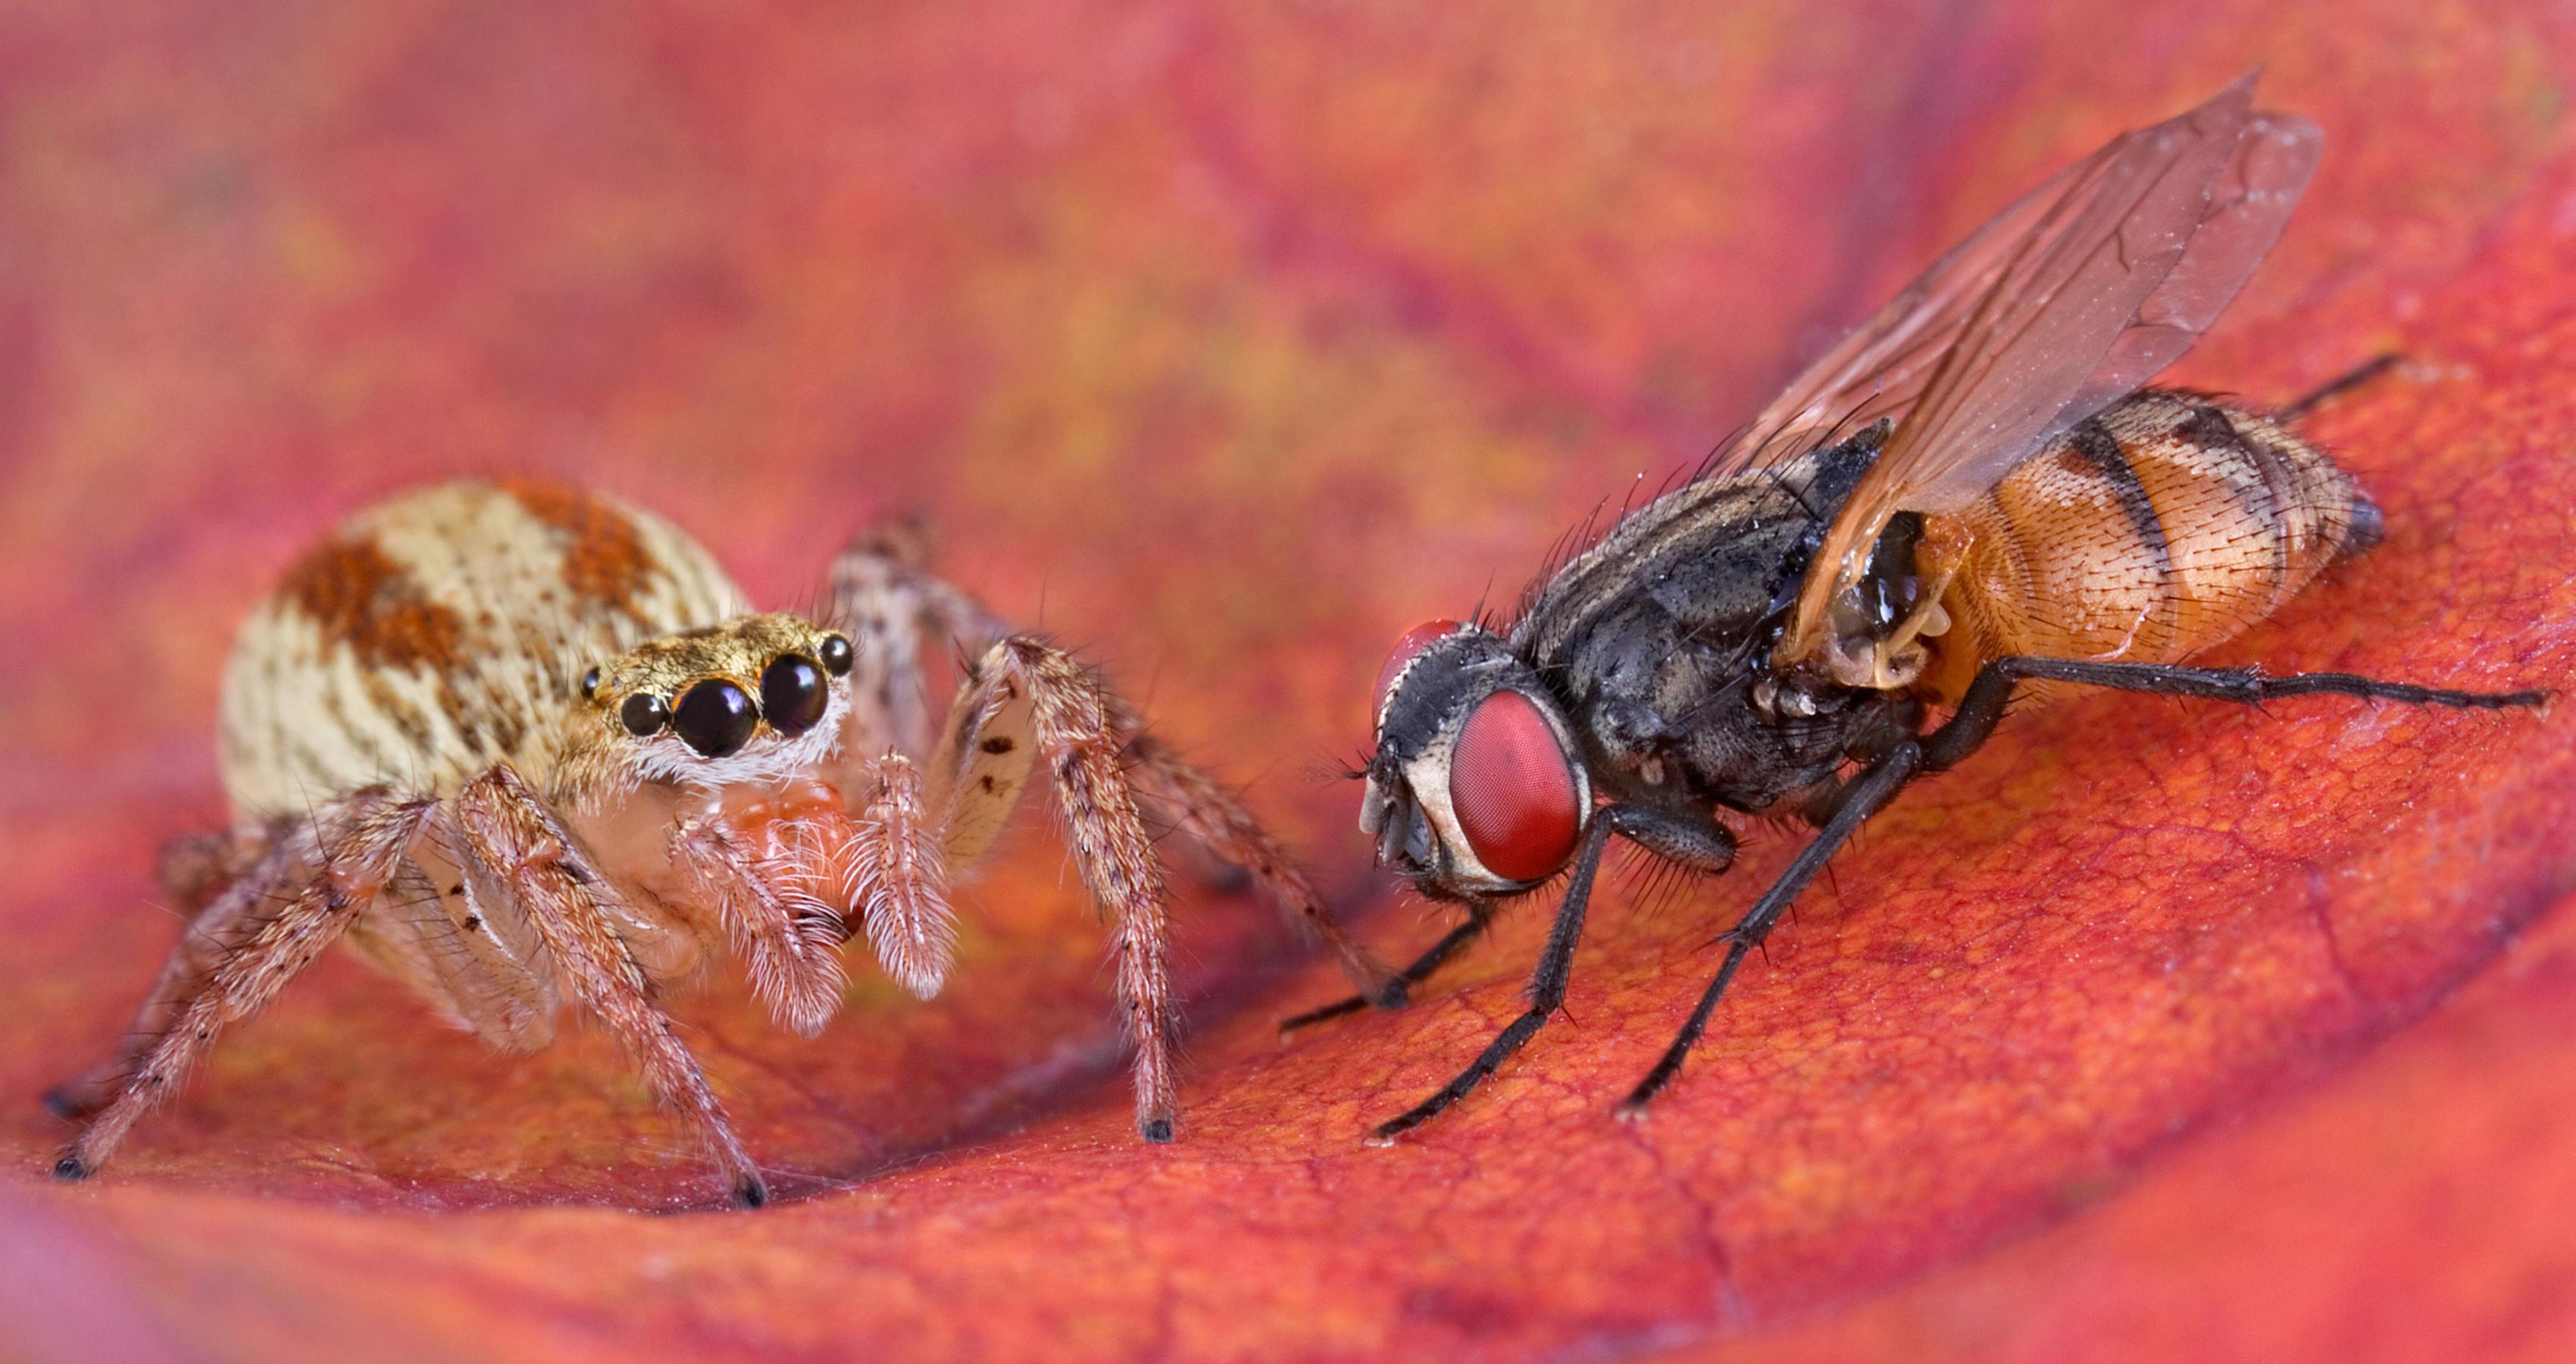 Обои для рабочего стола Пчелы Насекомые животное насекомое Животные